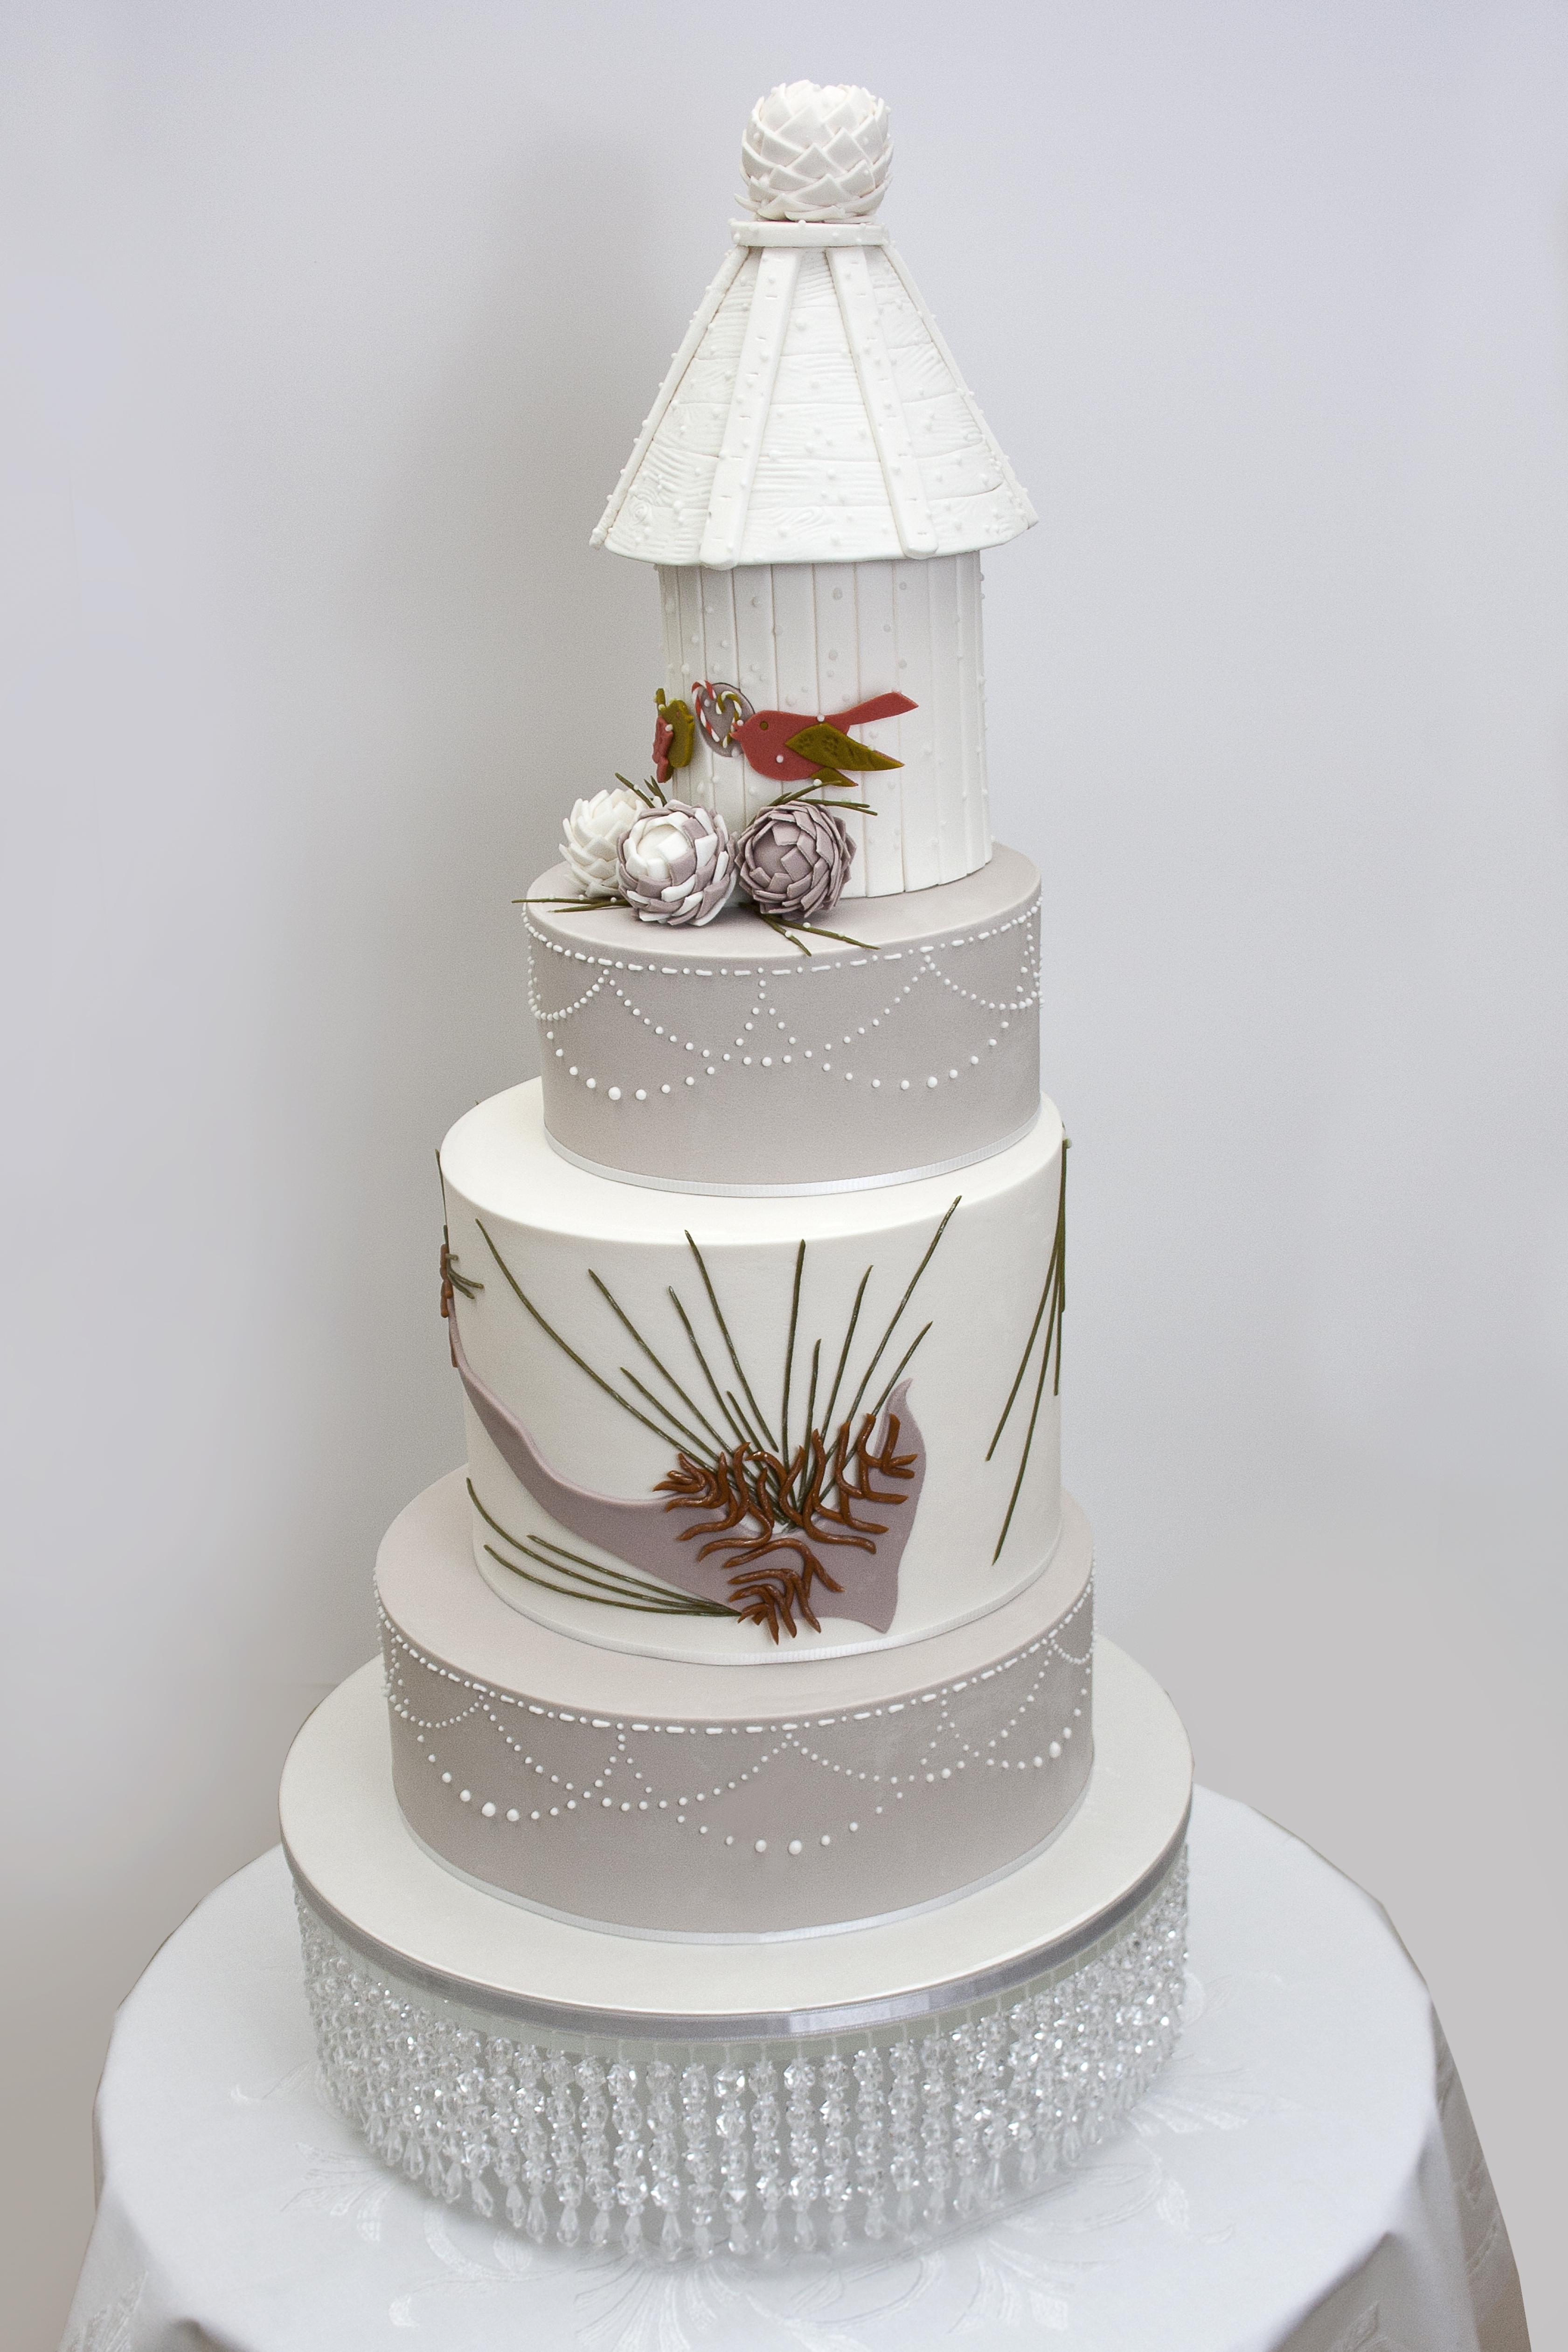 Holiday Wedding Birds Cake - CakeCentral.com